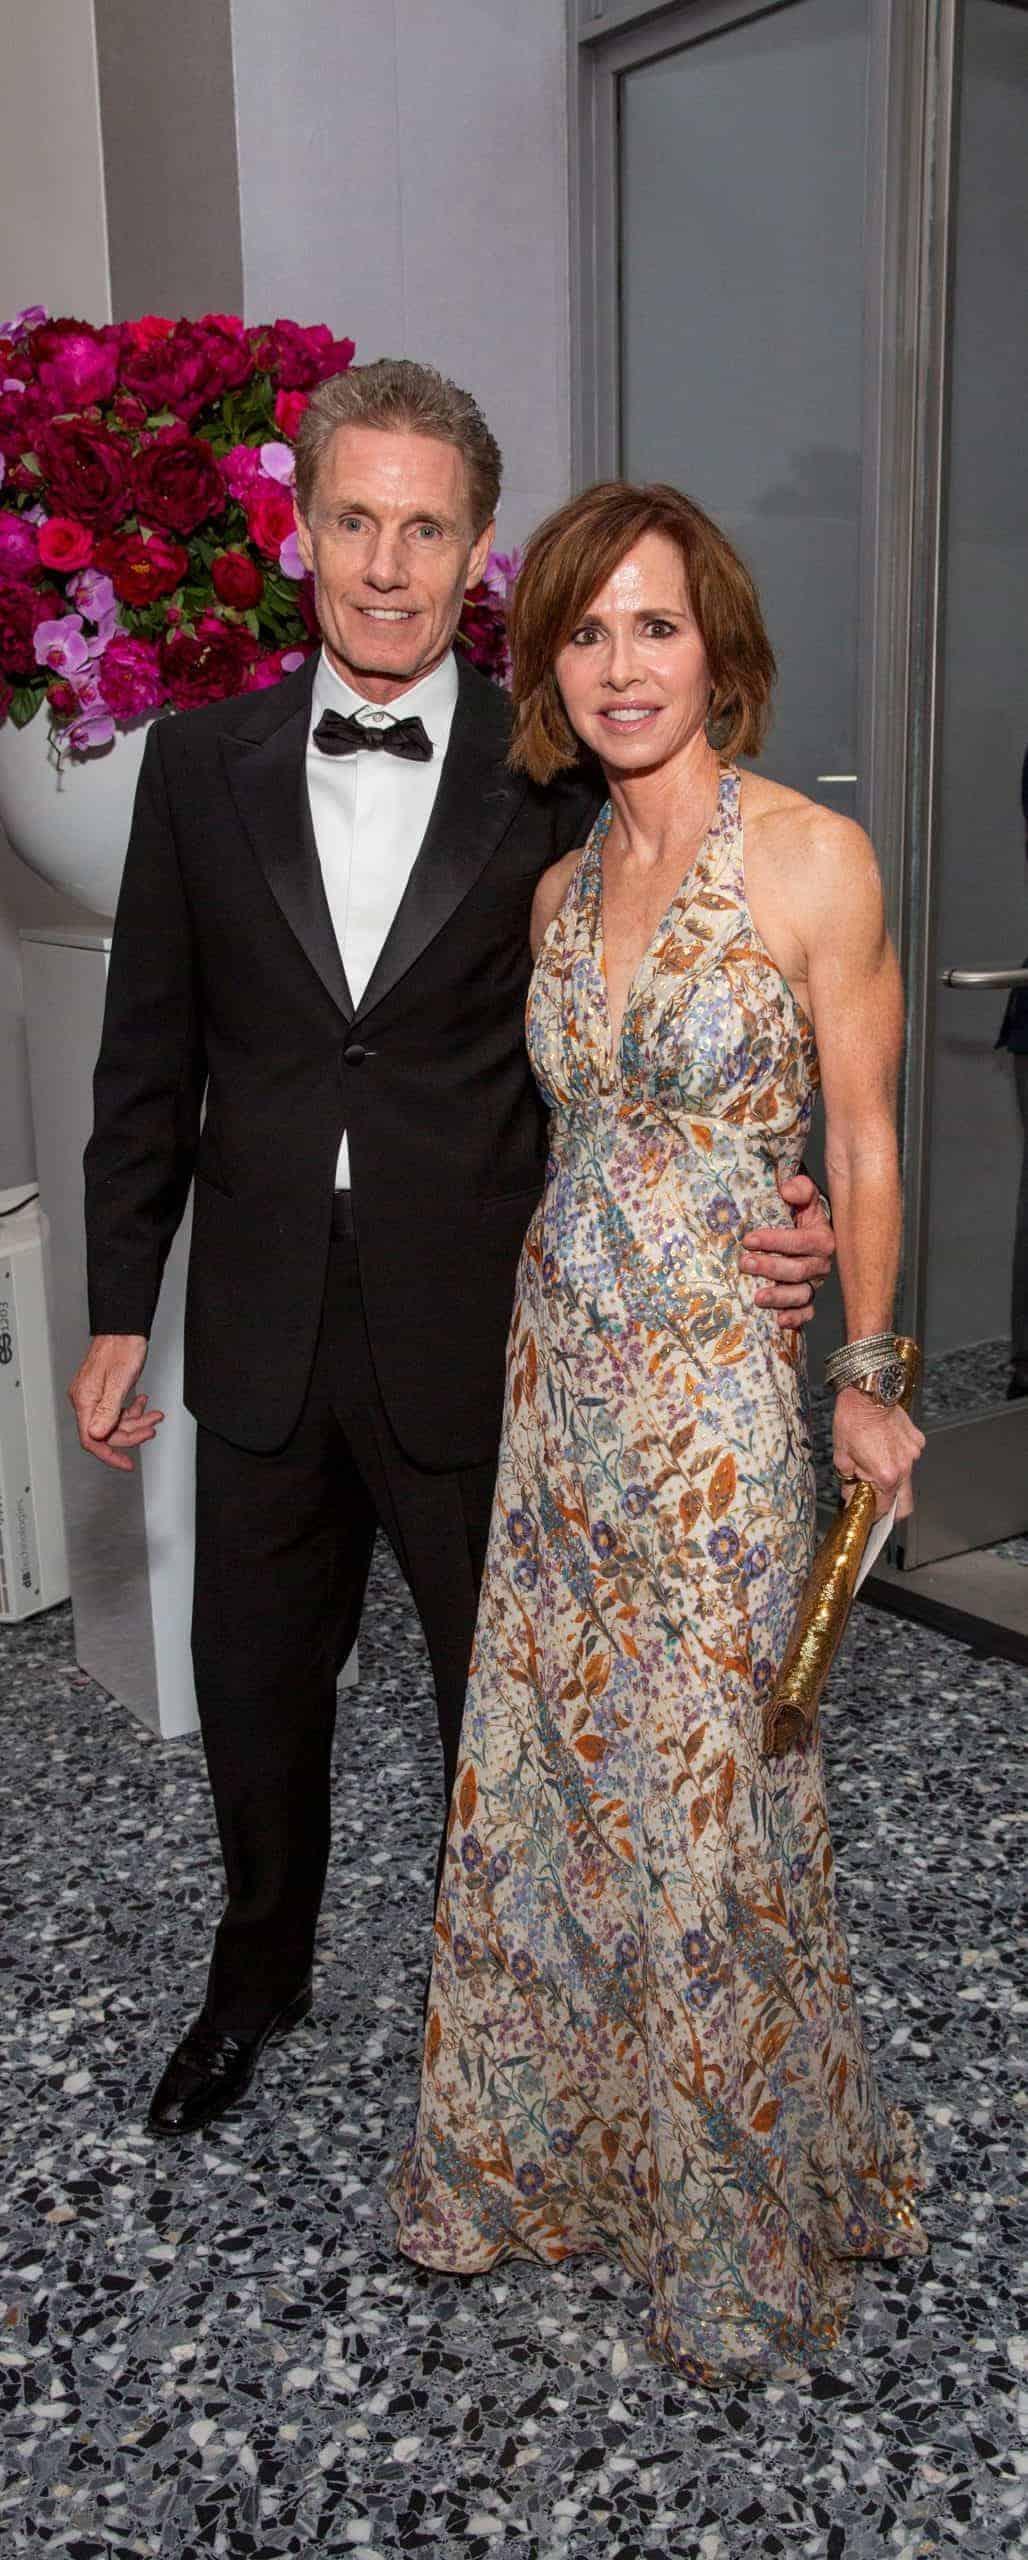 Sean and Martha Wade